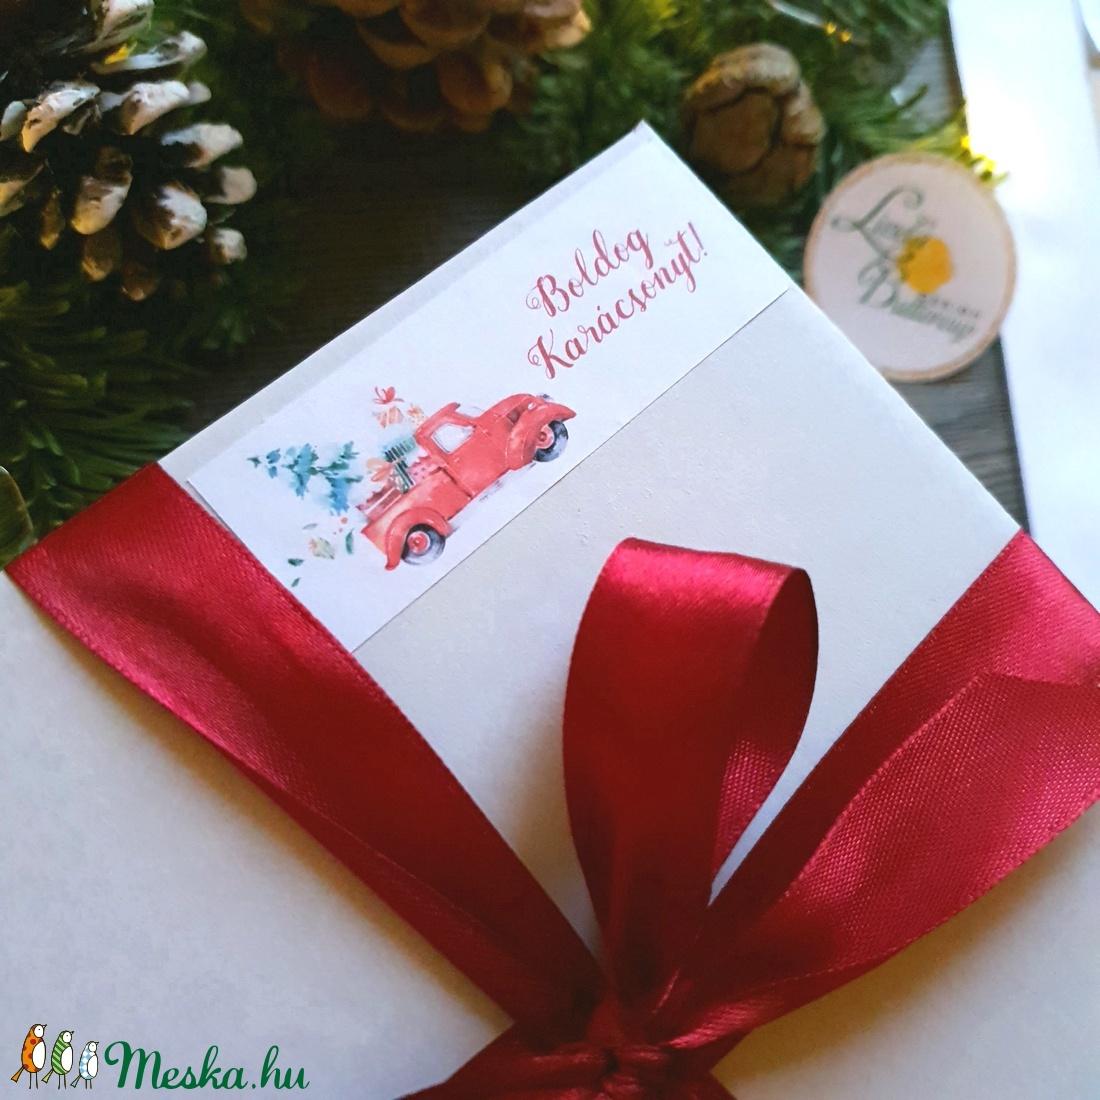 MATRICA, 14db, piros autó, fenyő, címke, Karácsonyi Ajándékkísérő, cédula, vignetta, levonó, sticker - karácsony - karácsonyi ajándékozás - karácsonyi képeslap, üdvözlőlap, ajándékkísérő - Meska.hu